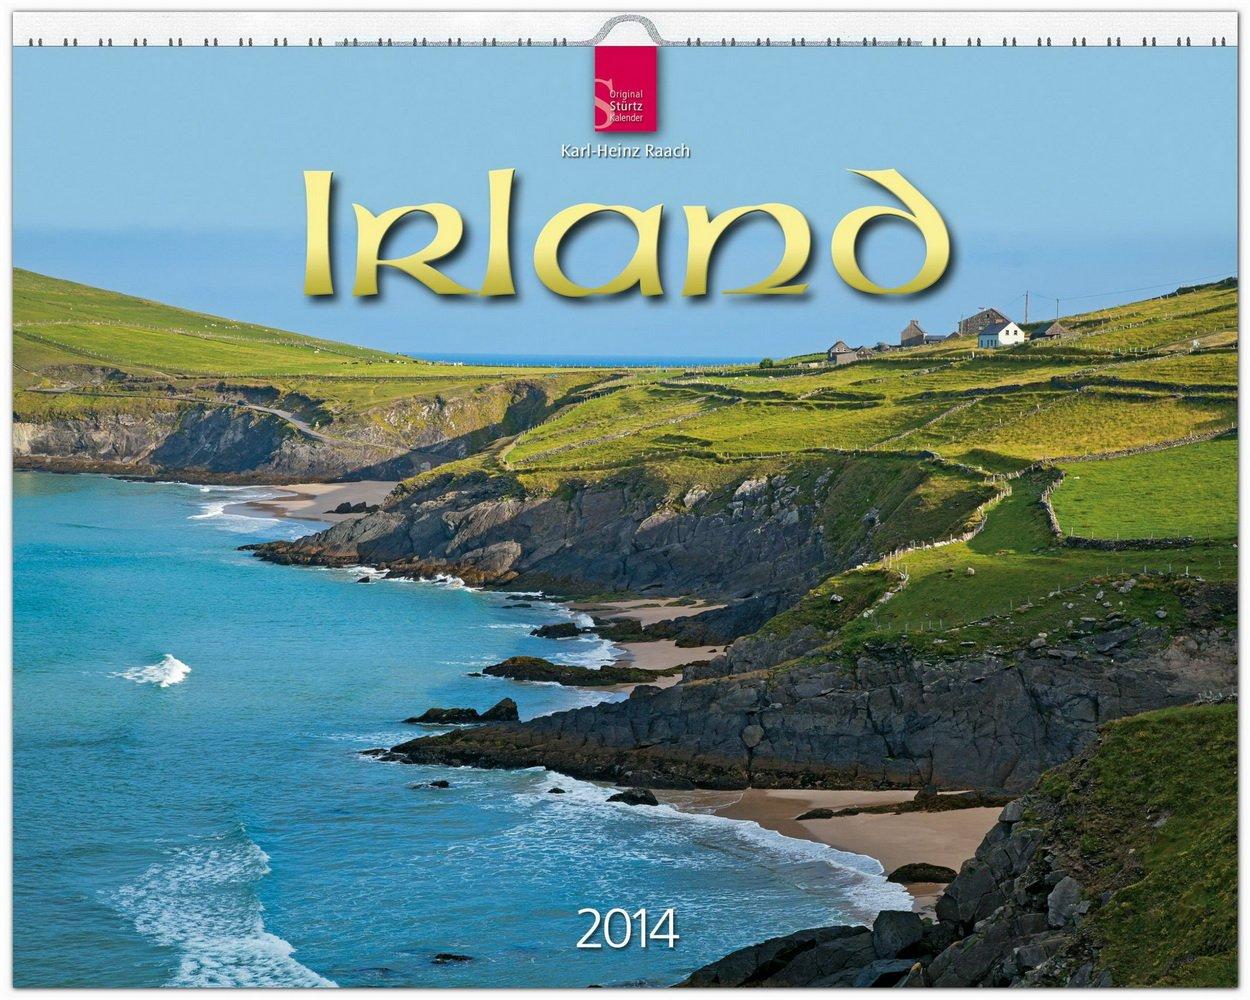 Irland 2014: Original Stürtz-Kalender - Großformat-Kalender 60 x 48 cm [Spiralbindung]